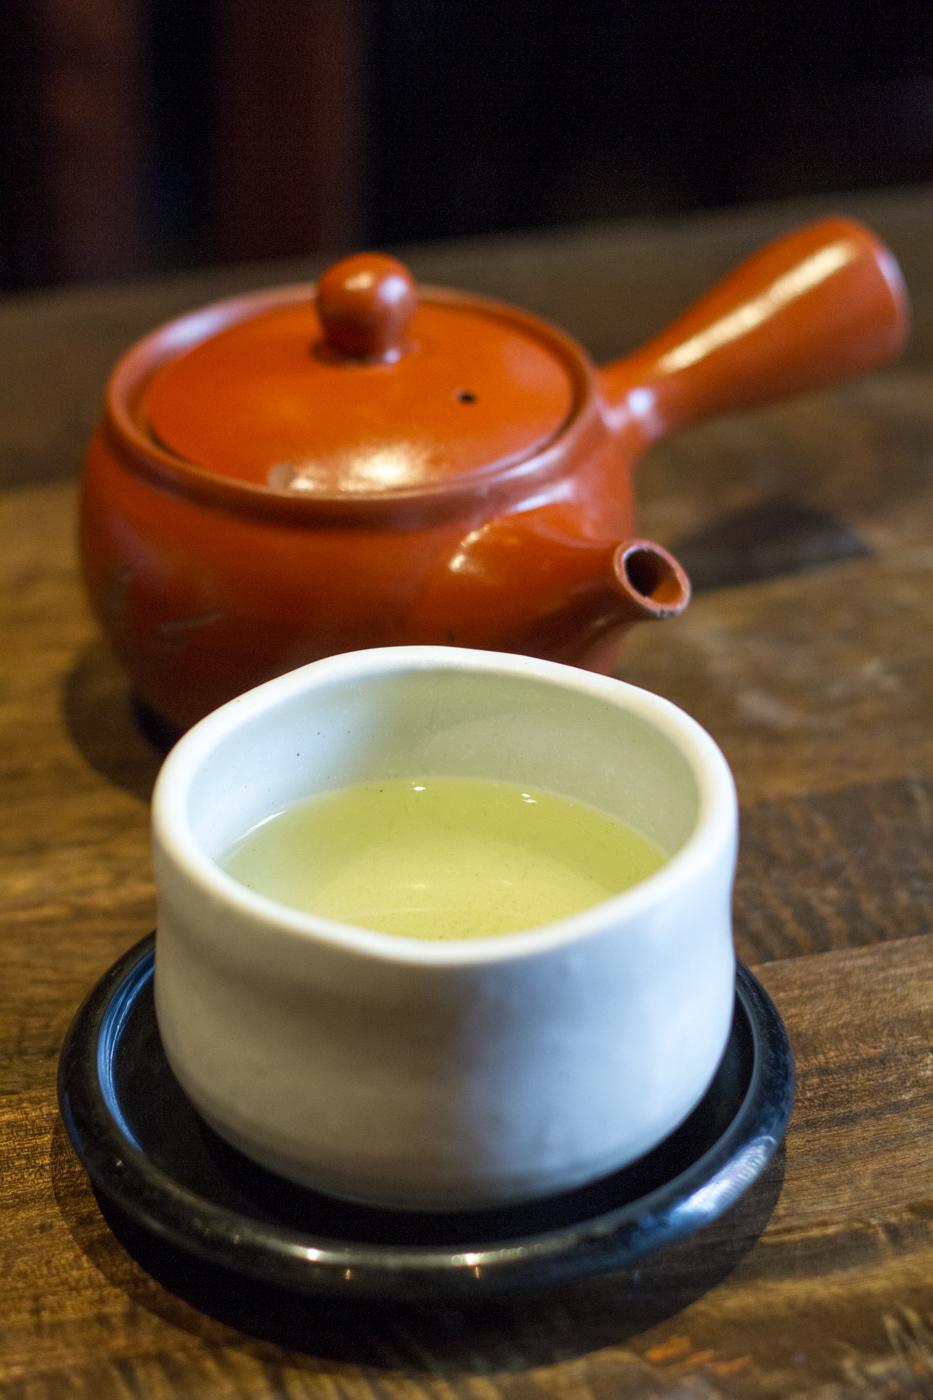 Uji Kabusecha at Cha An Tea House in NYC